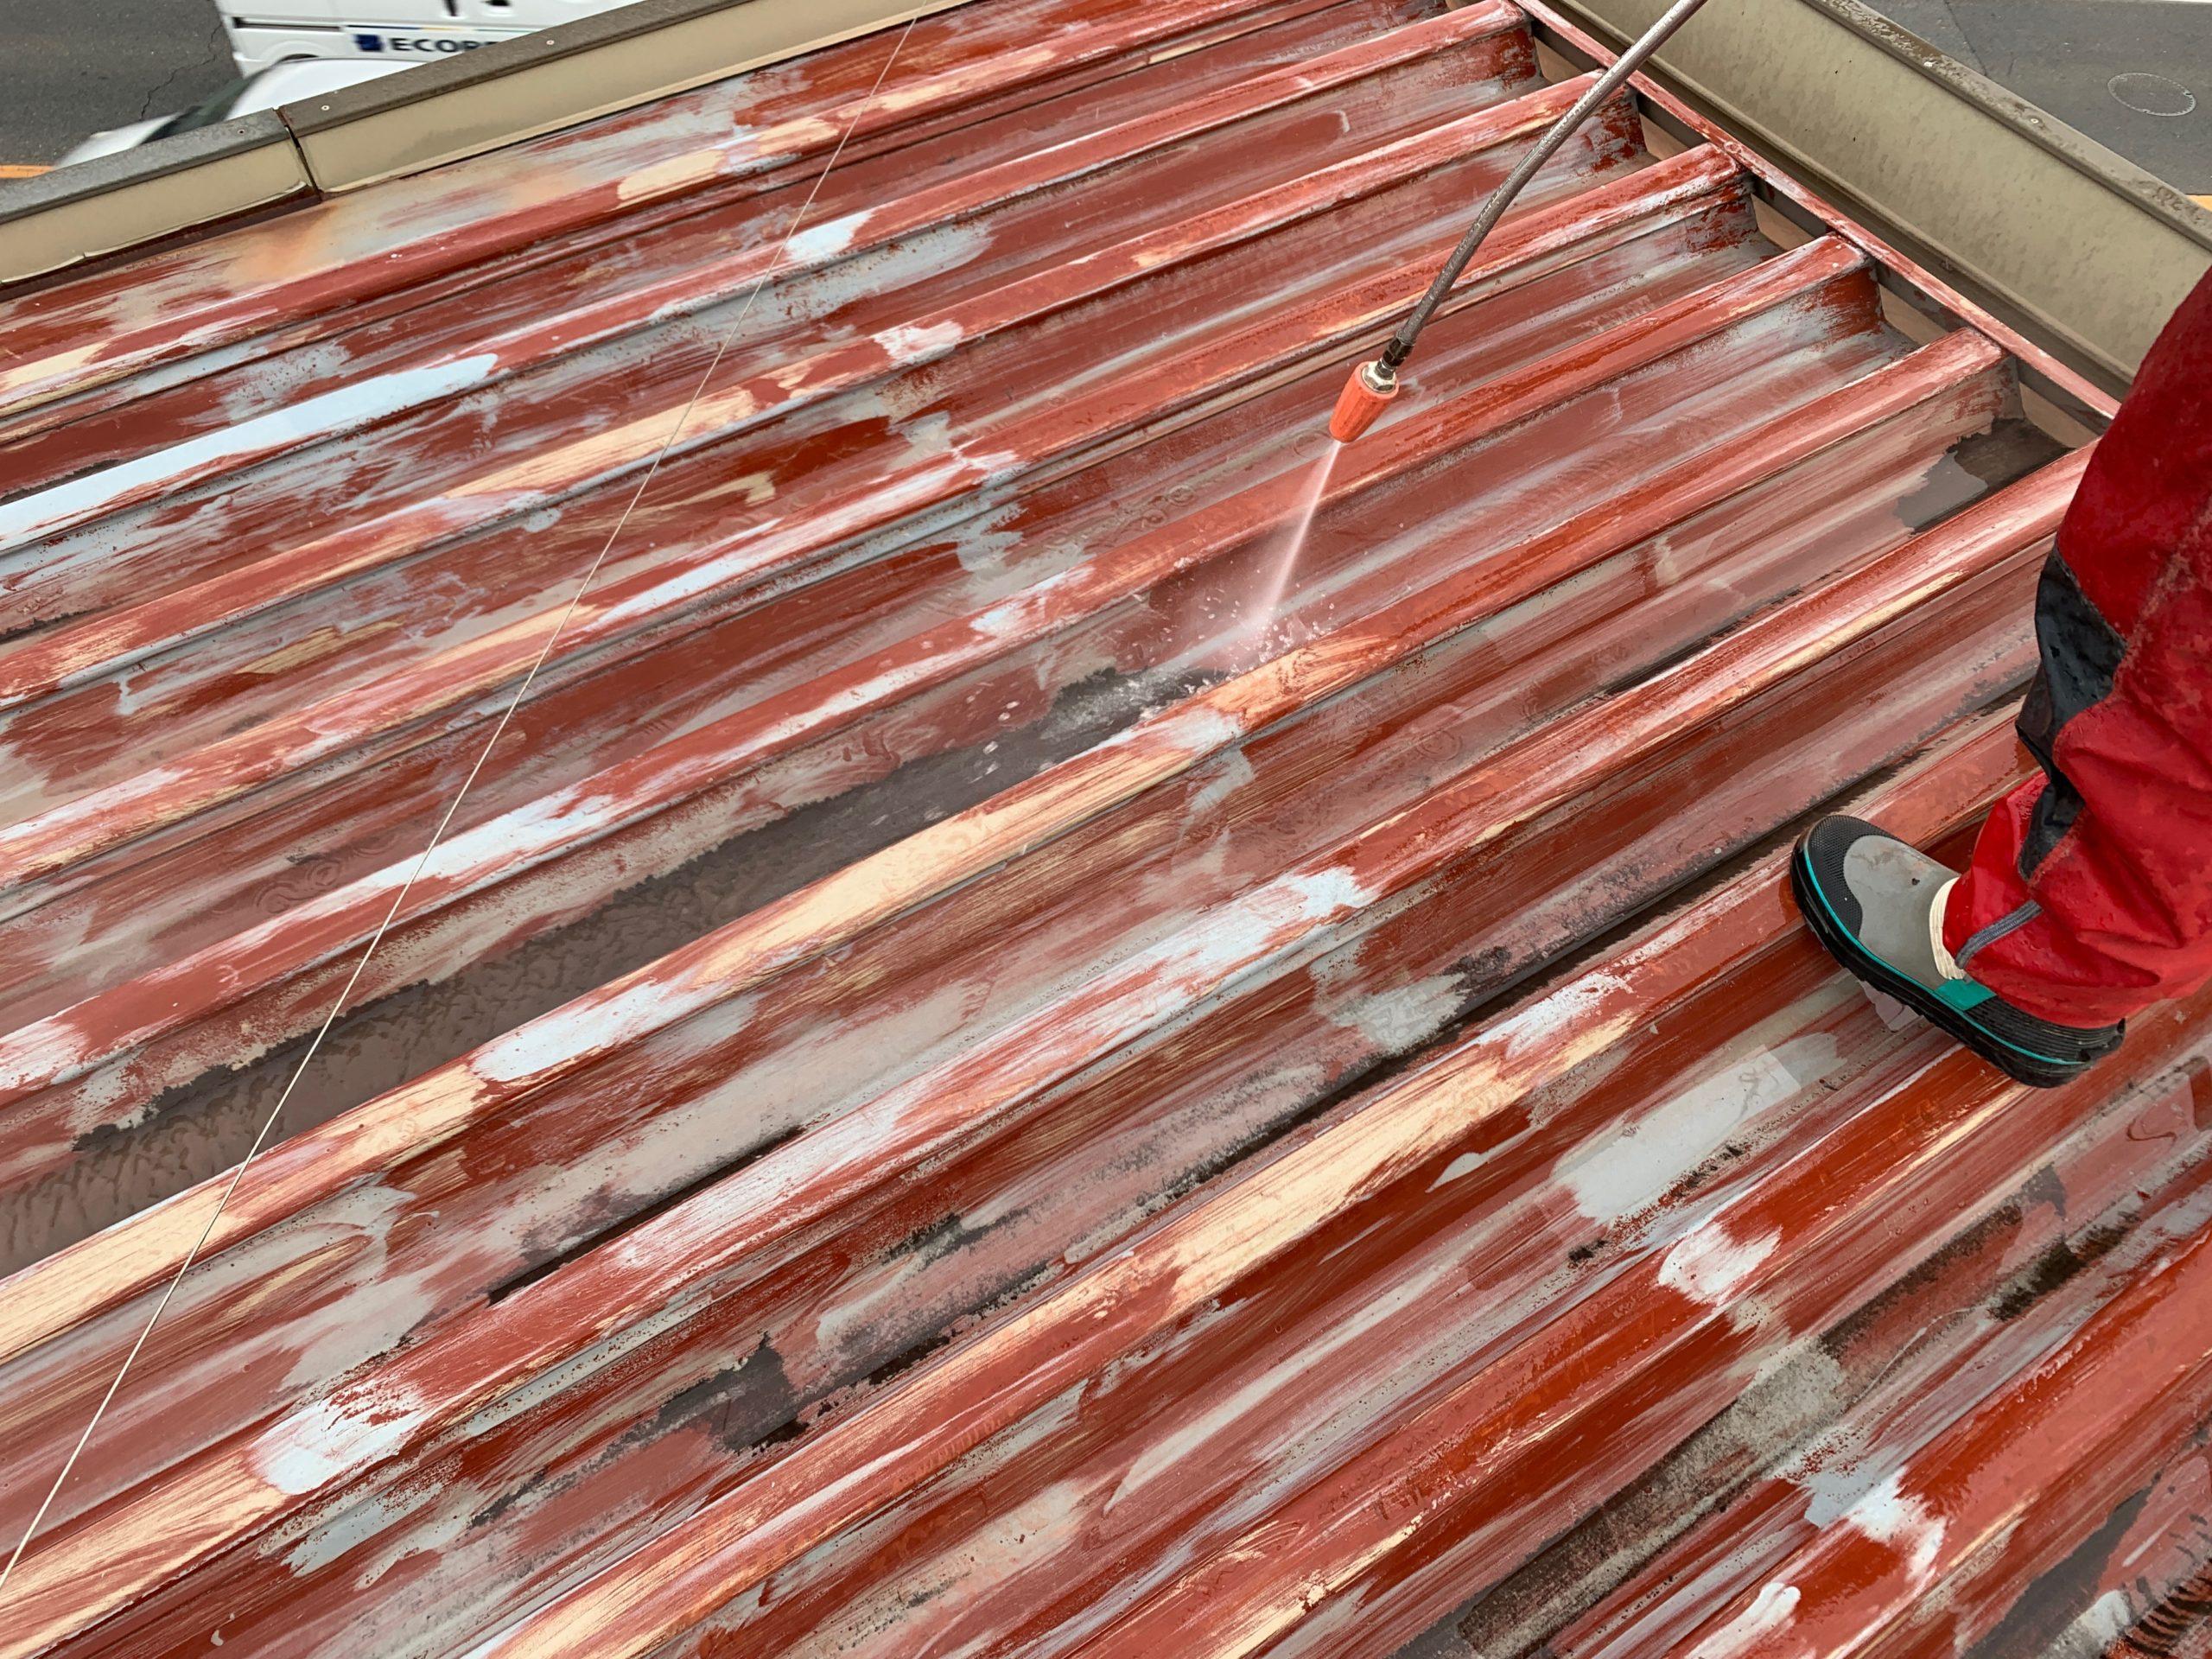 外壁塗装 佐賀 屋根 金属 サビ 洗浄 高圧洗浄